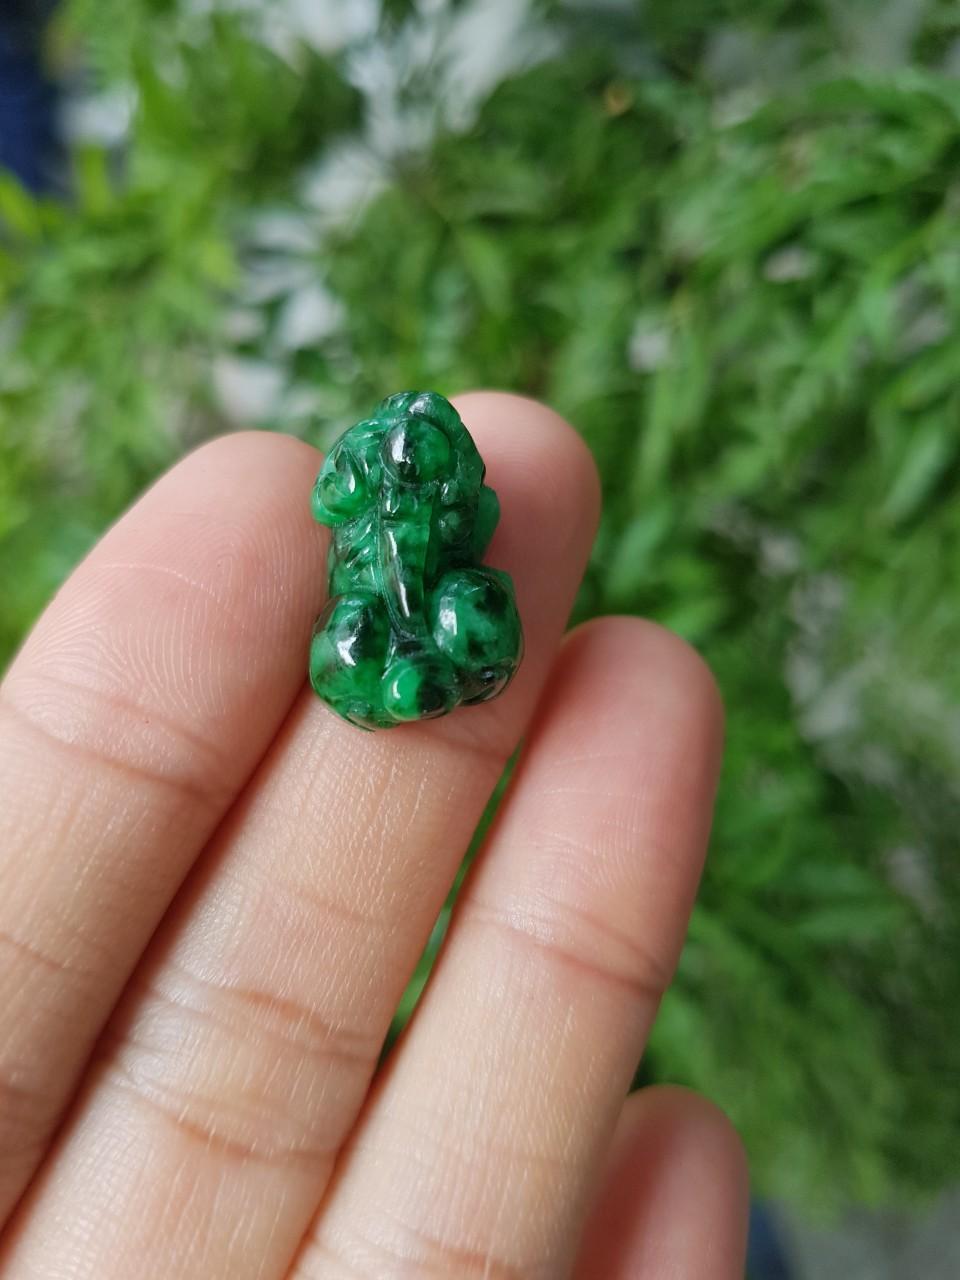 Tỳ hưu ngọc sơn thủy, size nhẫn - xưởng buôn đá phong thủy Huỳnh Đào